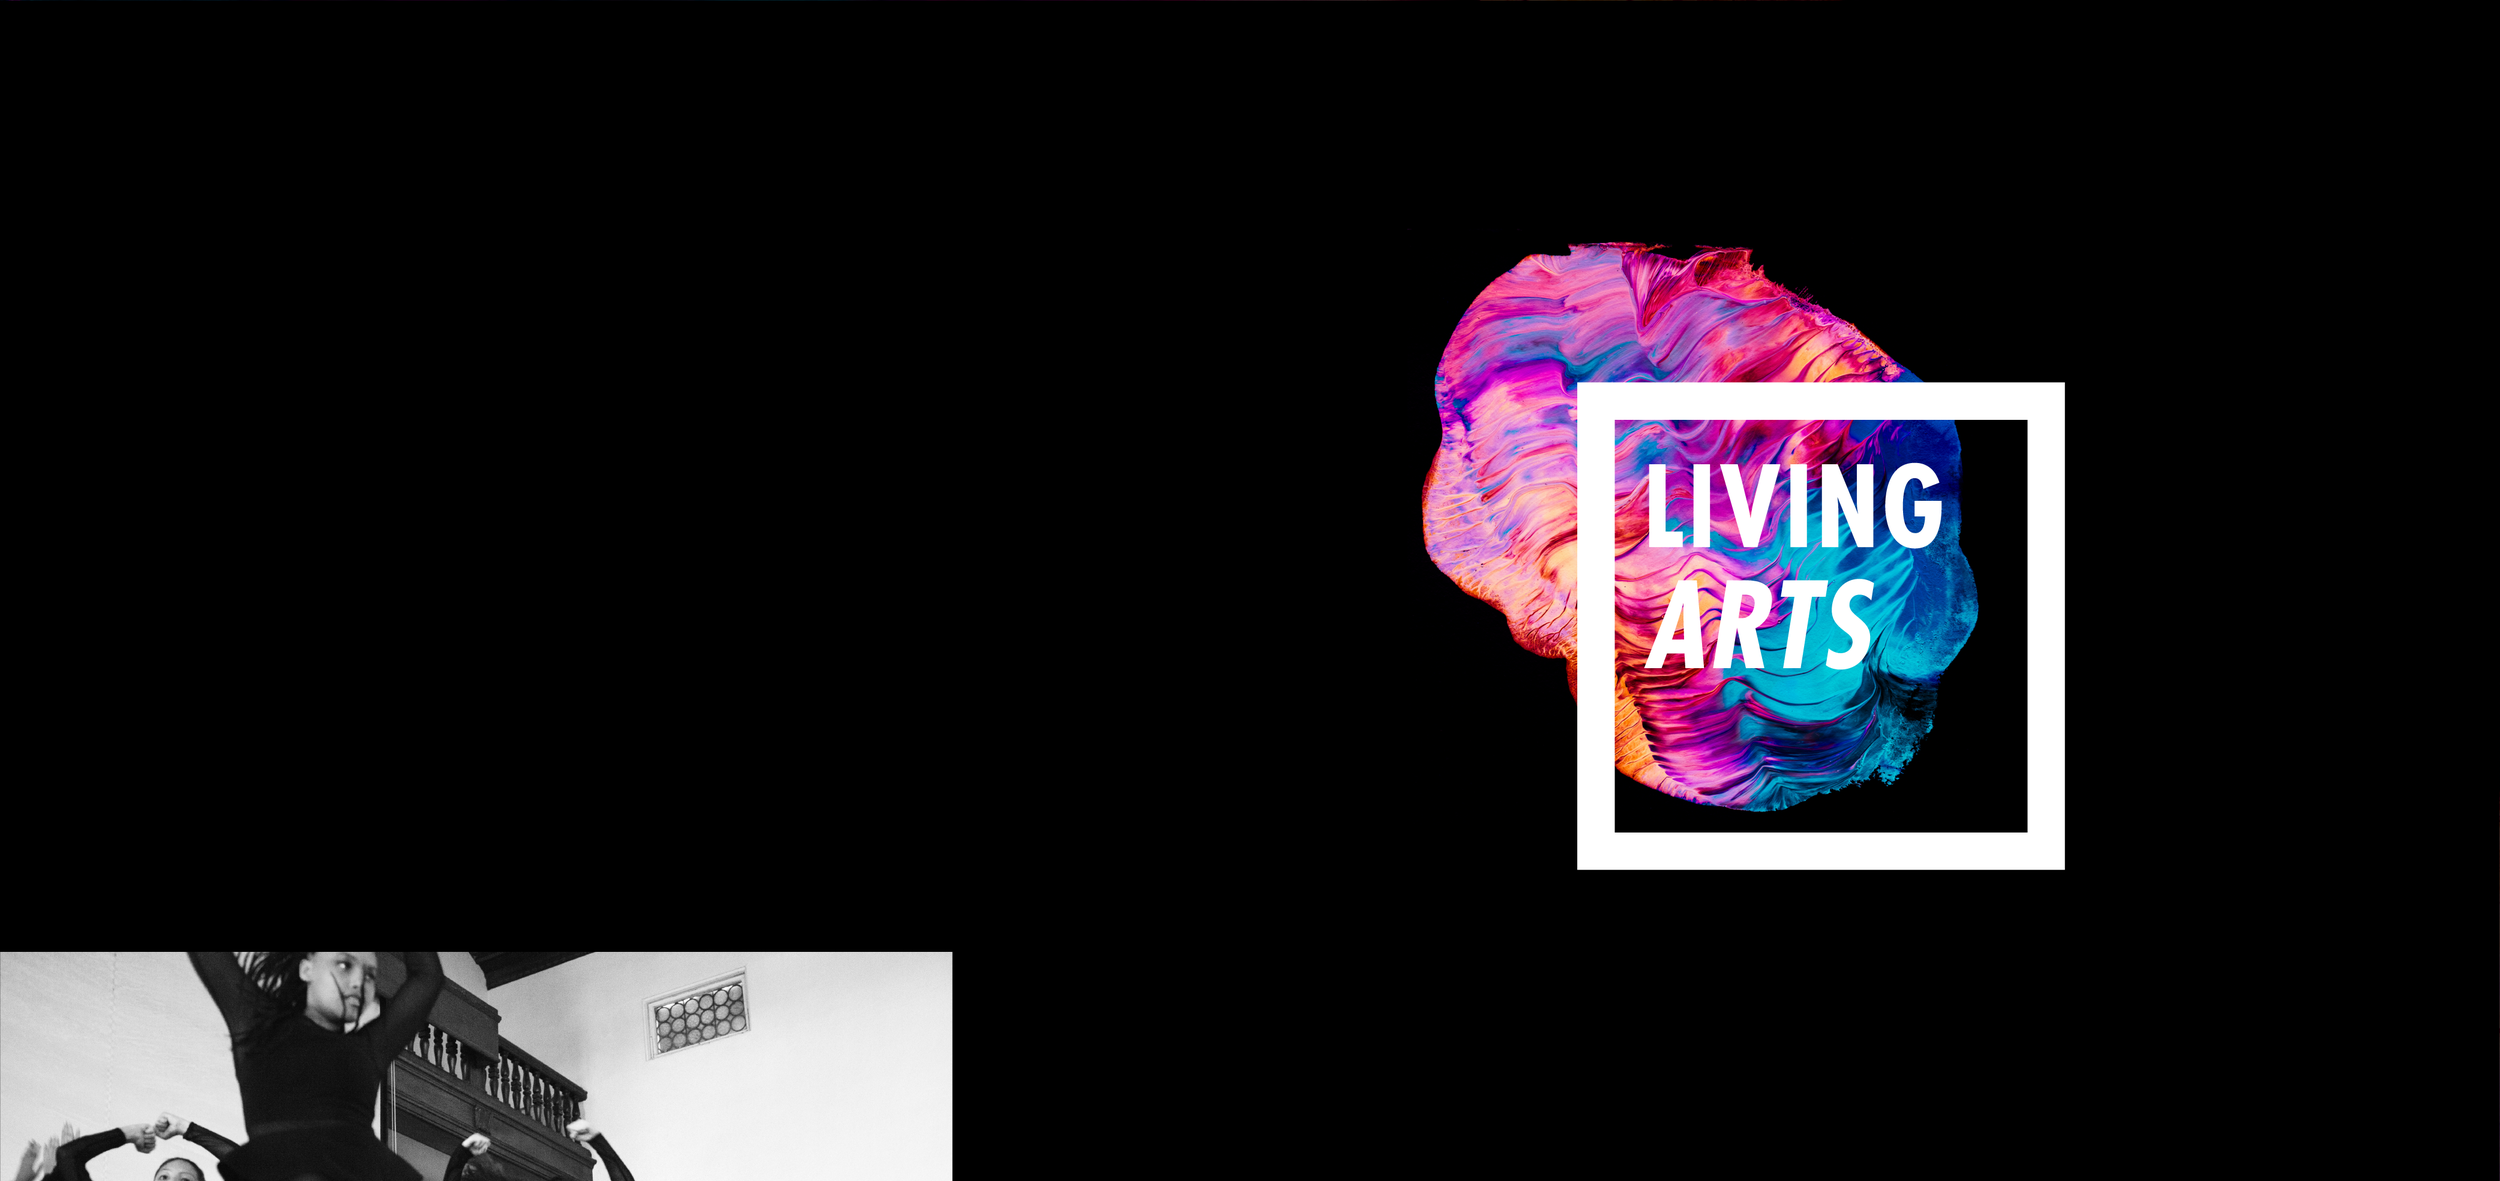 062519_Living Arts-04.png